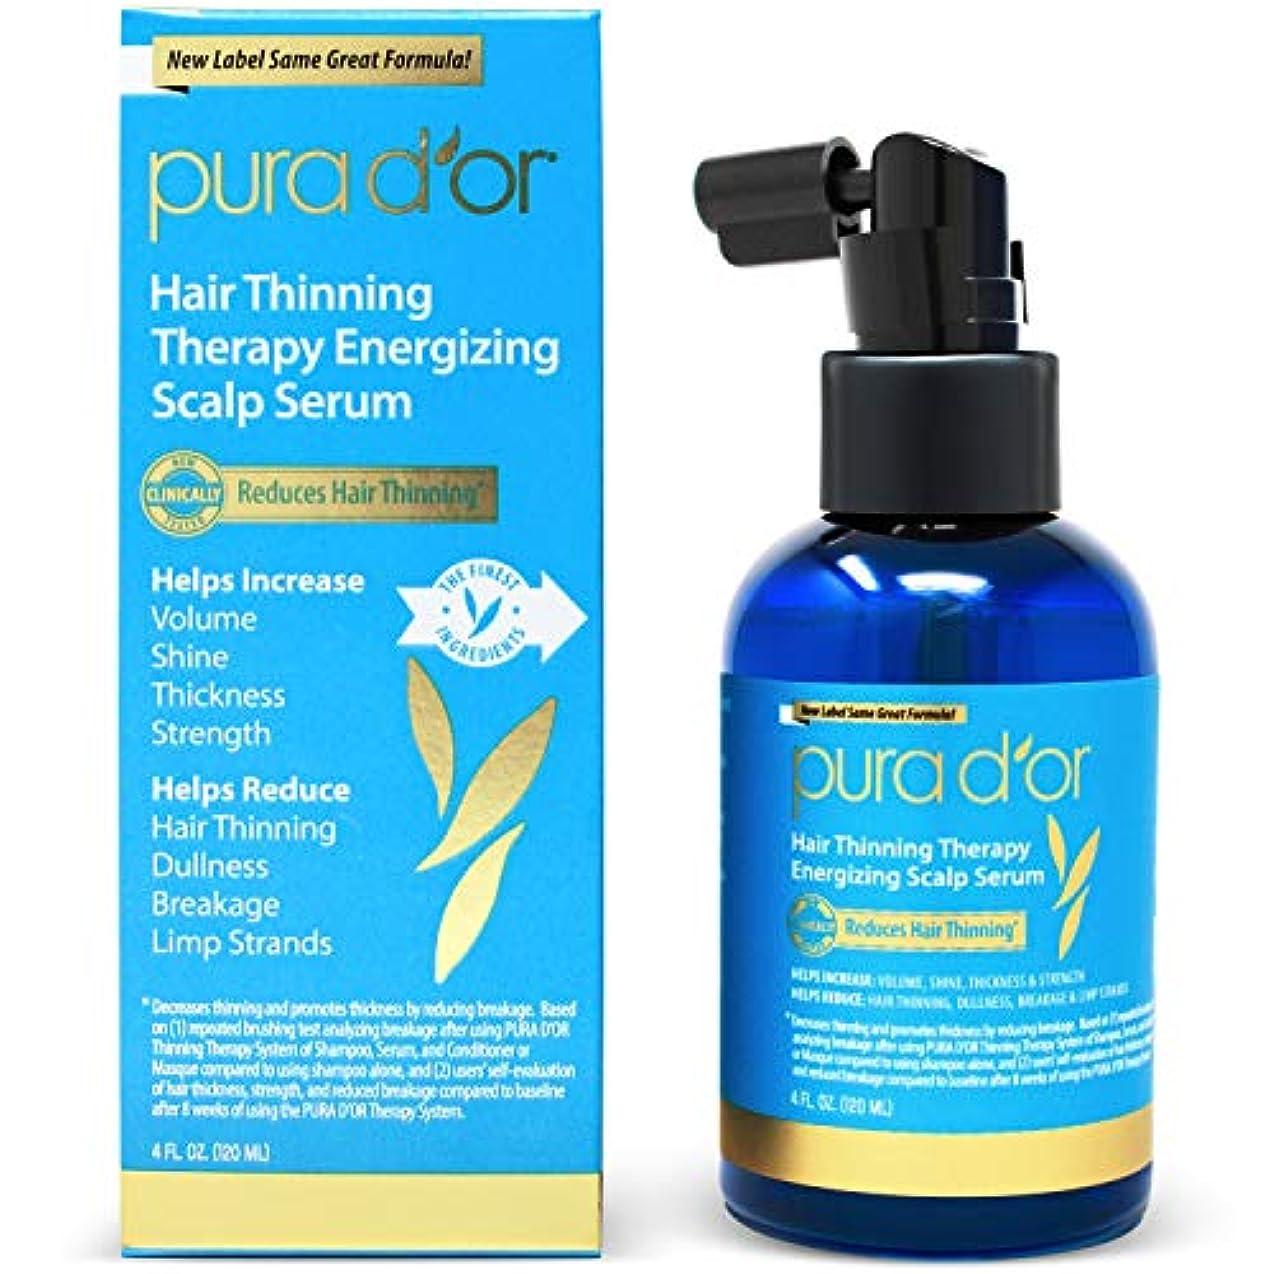 やがてテンションと闘うPURA D'OR 薄毛対策 セラピー 活性化 頭皮 セラム リバイタライザー (120ml 4オンス) 有効成分 アルガンオイル、ビオチン、カフェイン、幹細胞、カタラーゼとDhtブロッカー、全てのヘアタイプに、男性 &...